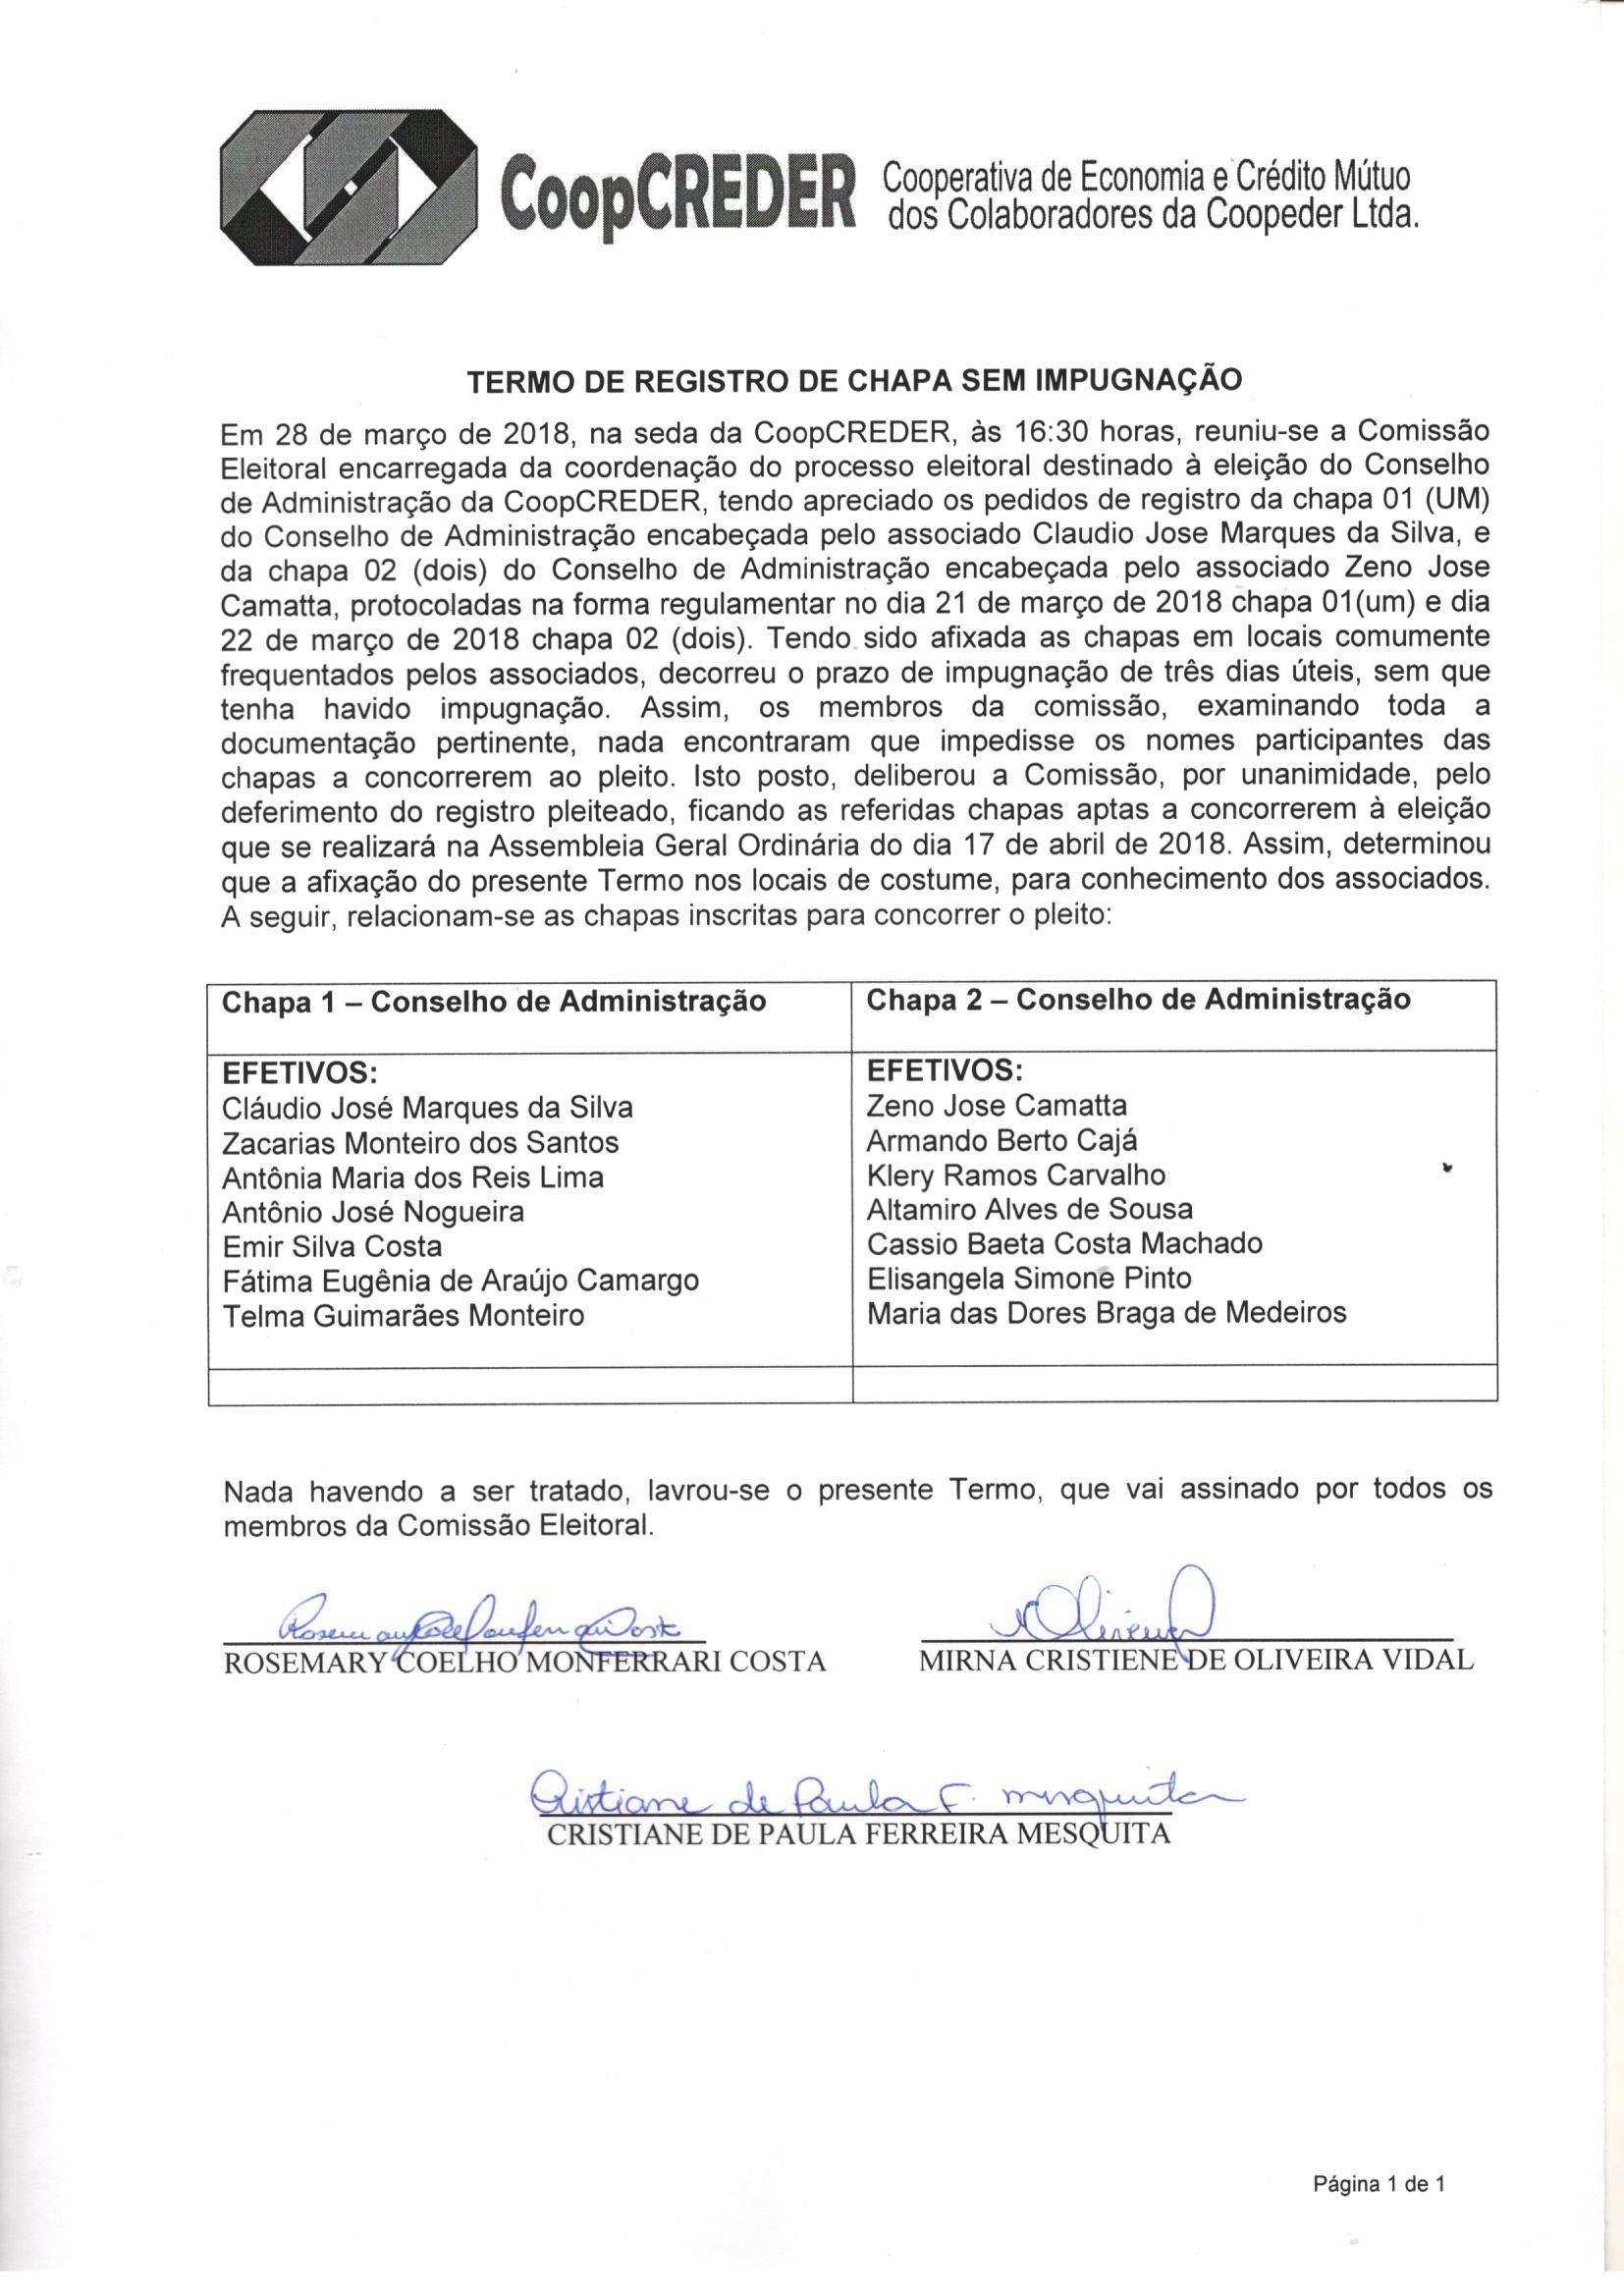 Termo Registro de Chapa sem impugnação